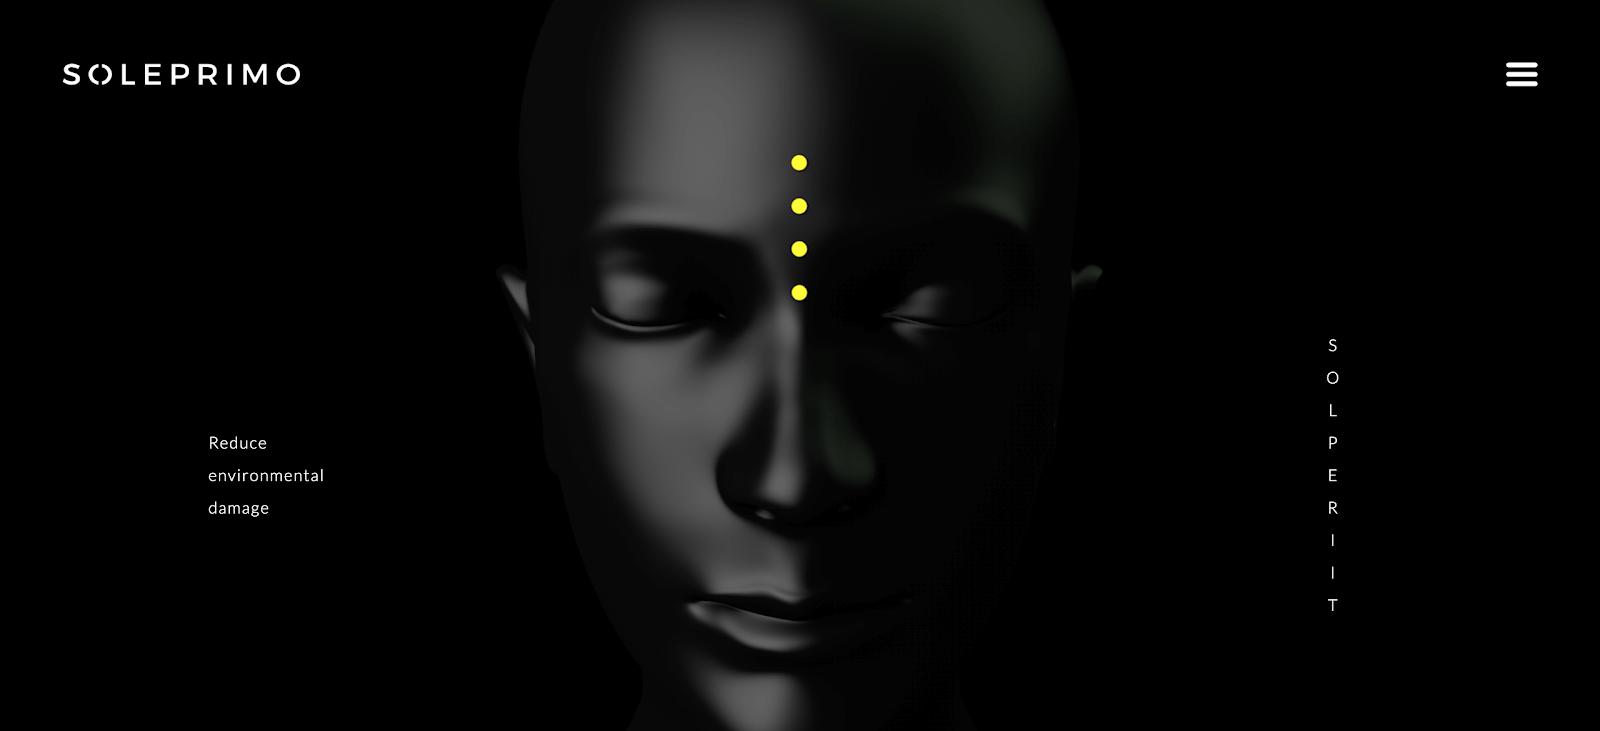 пример интуитивного интерфейса